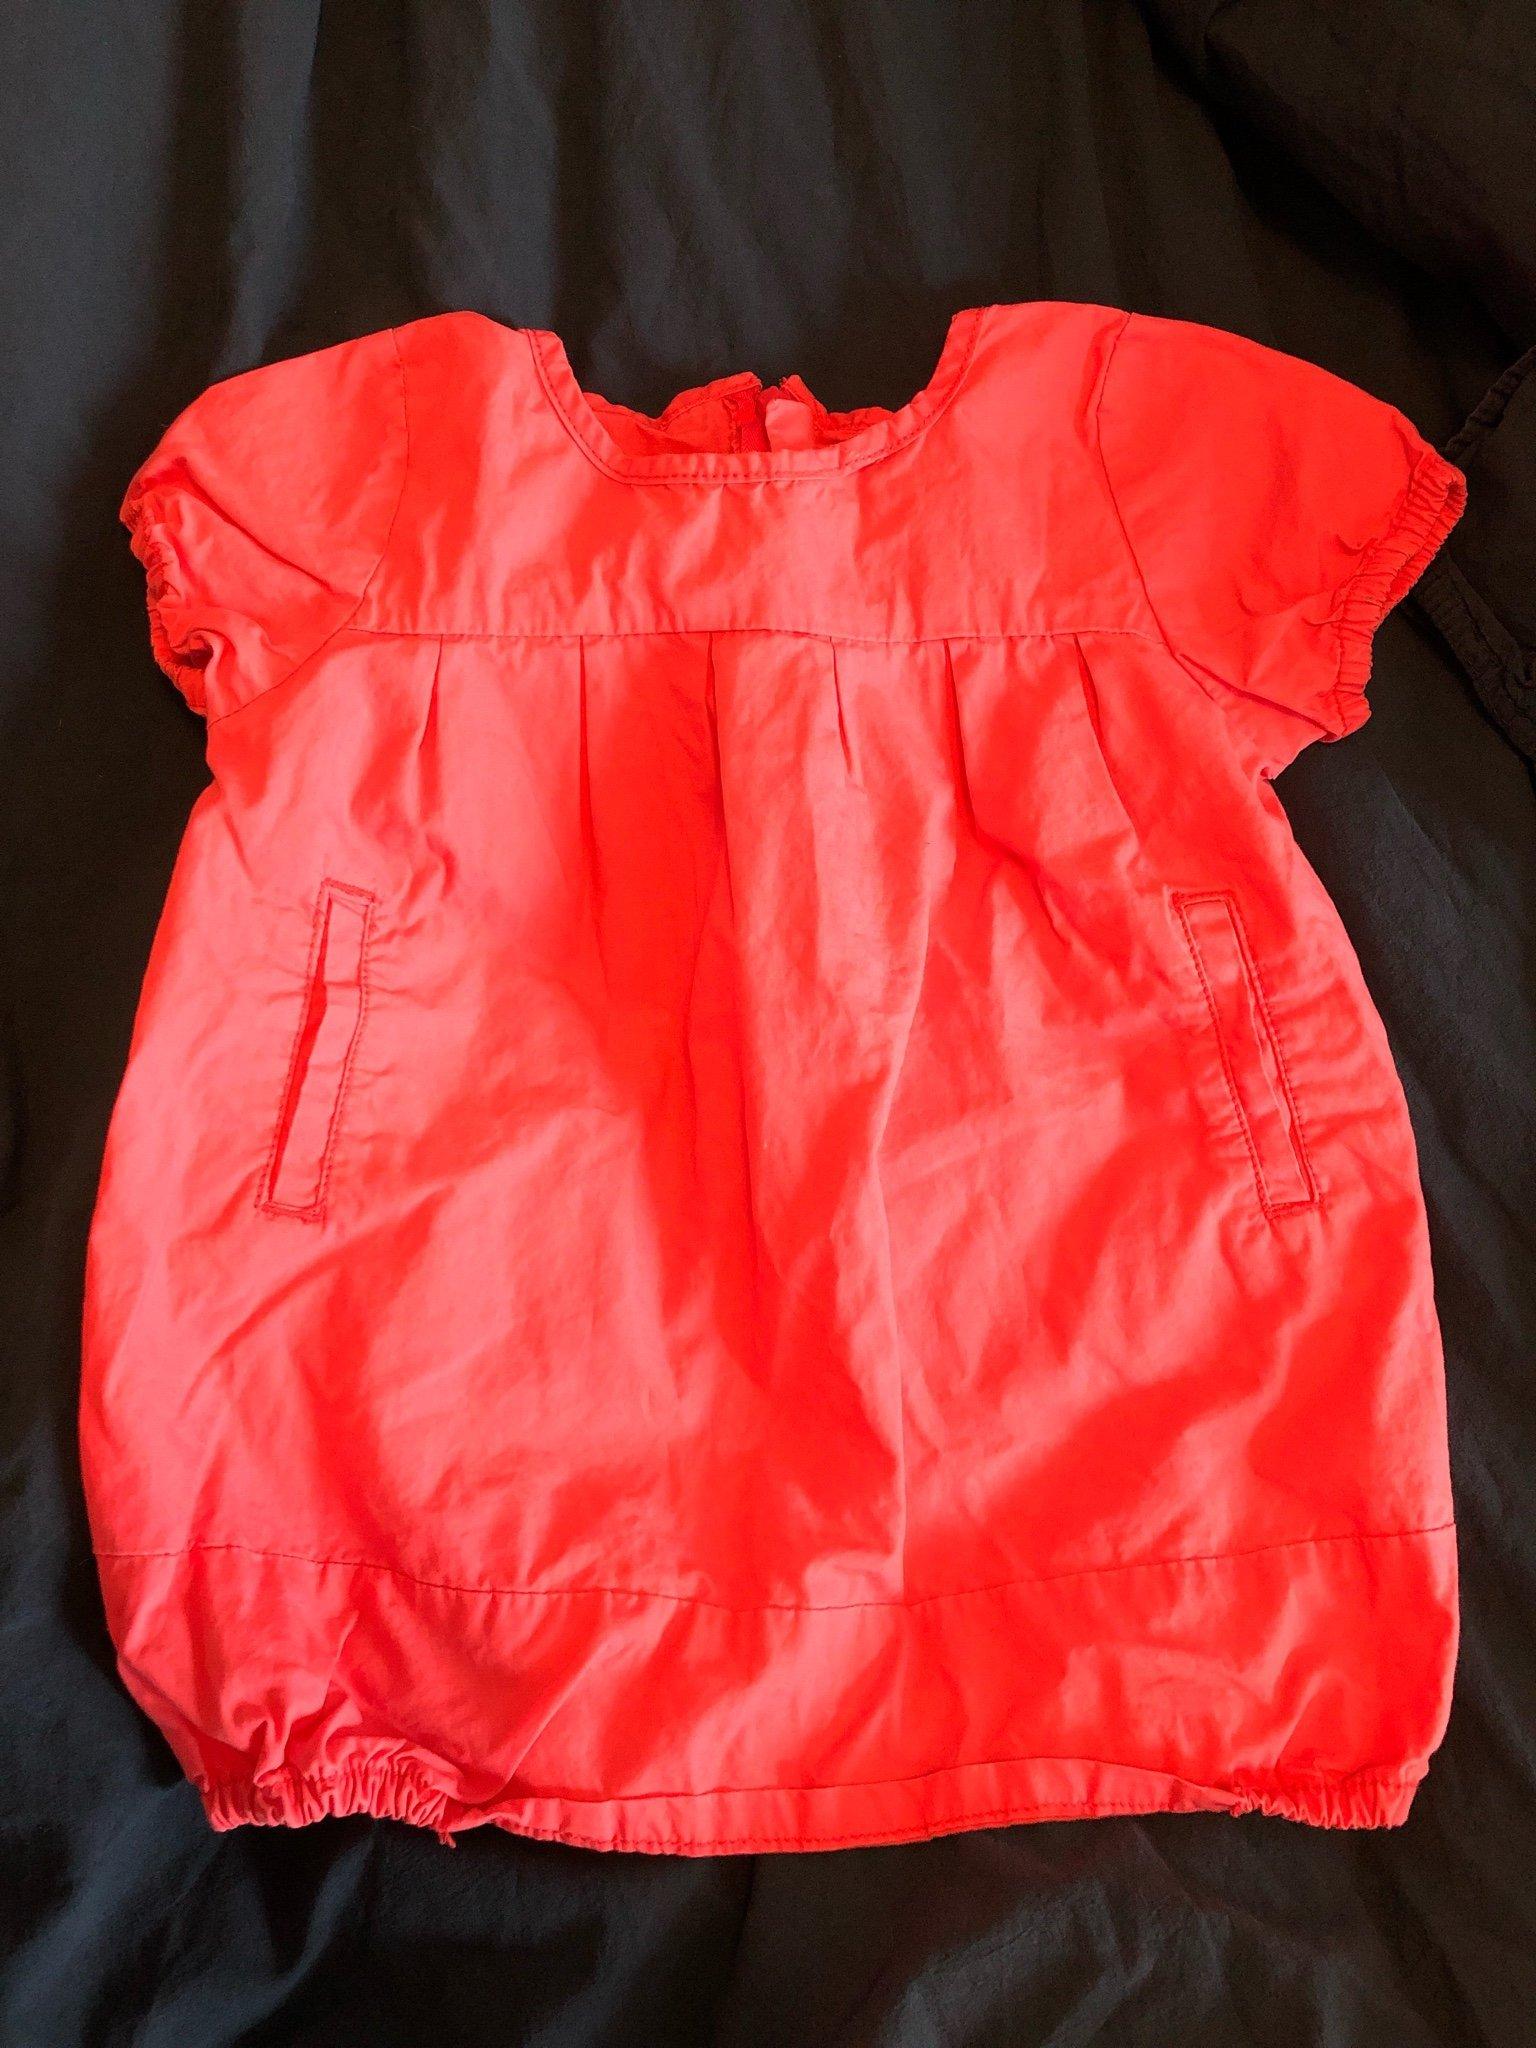 430dd0d891f2 Ballongklänning från NameIt strl 74 i rosa (354925405) ᐈ Köp på Tradera